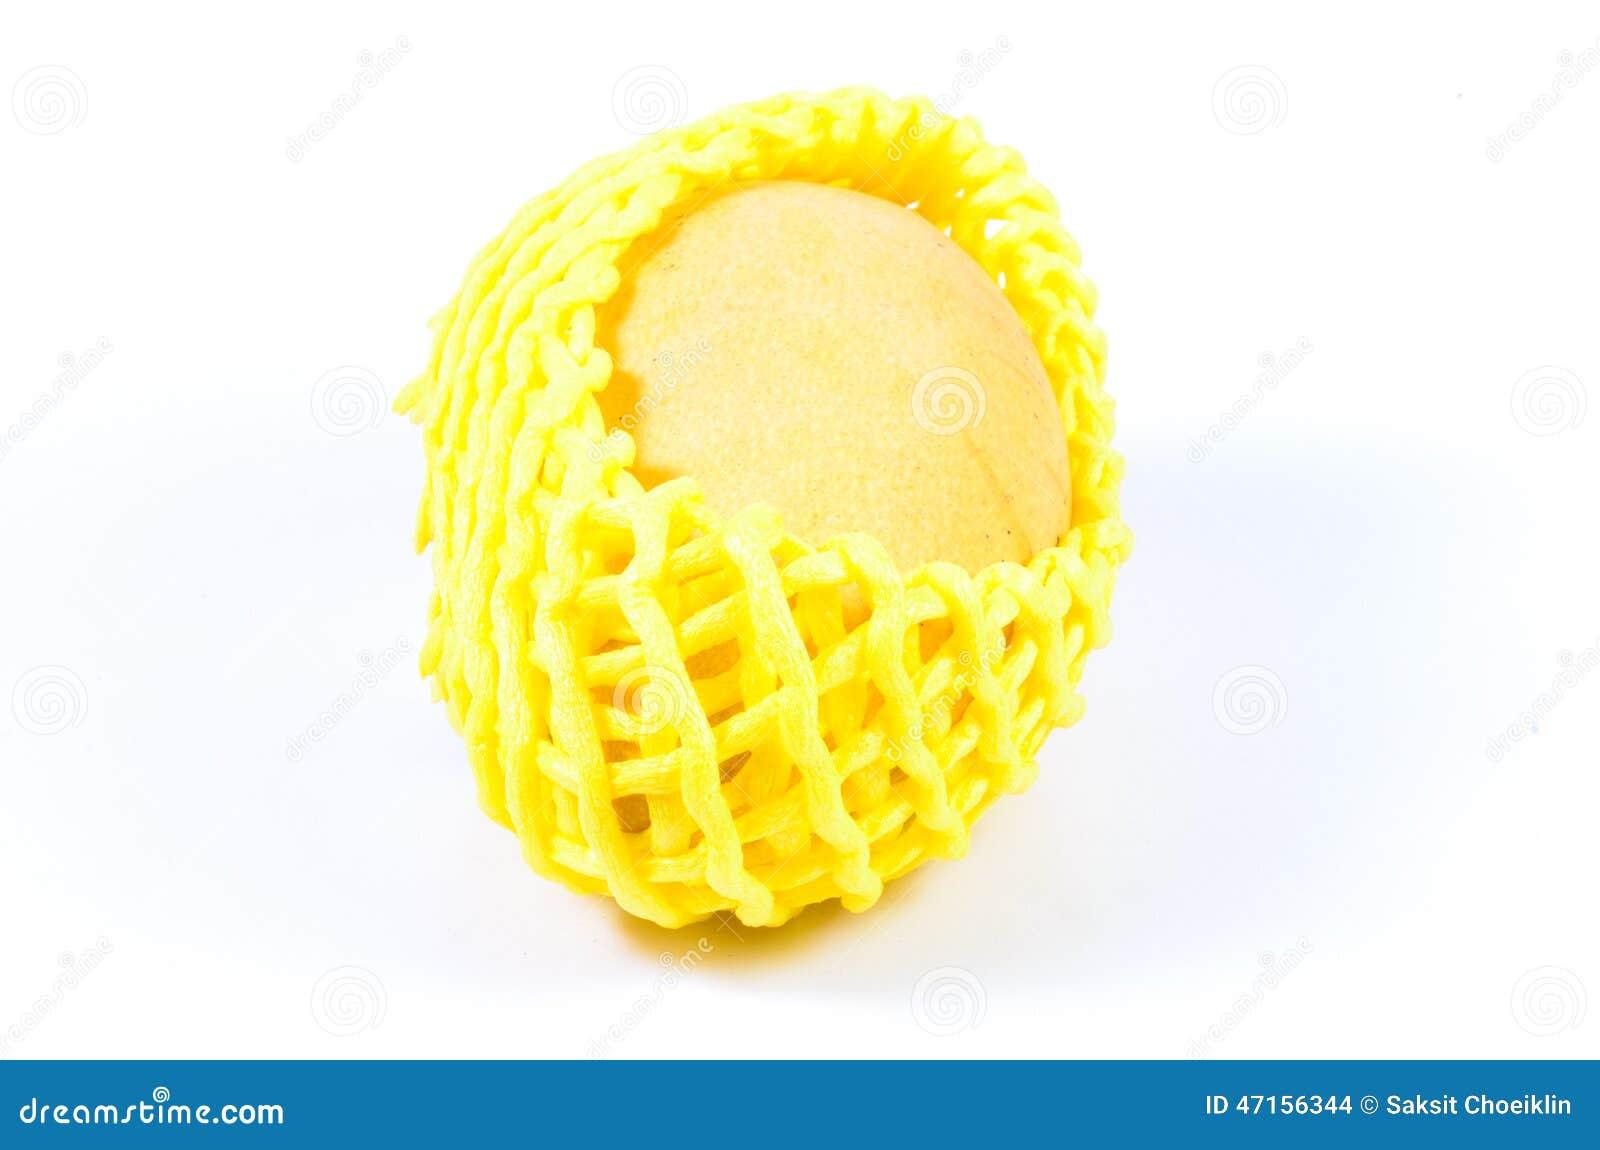 thumbs.dreamstime.com/z/mousse-de-protection-de-fruit-mangue-47156344